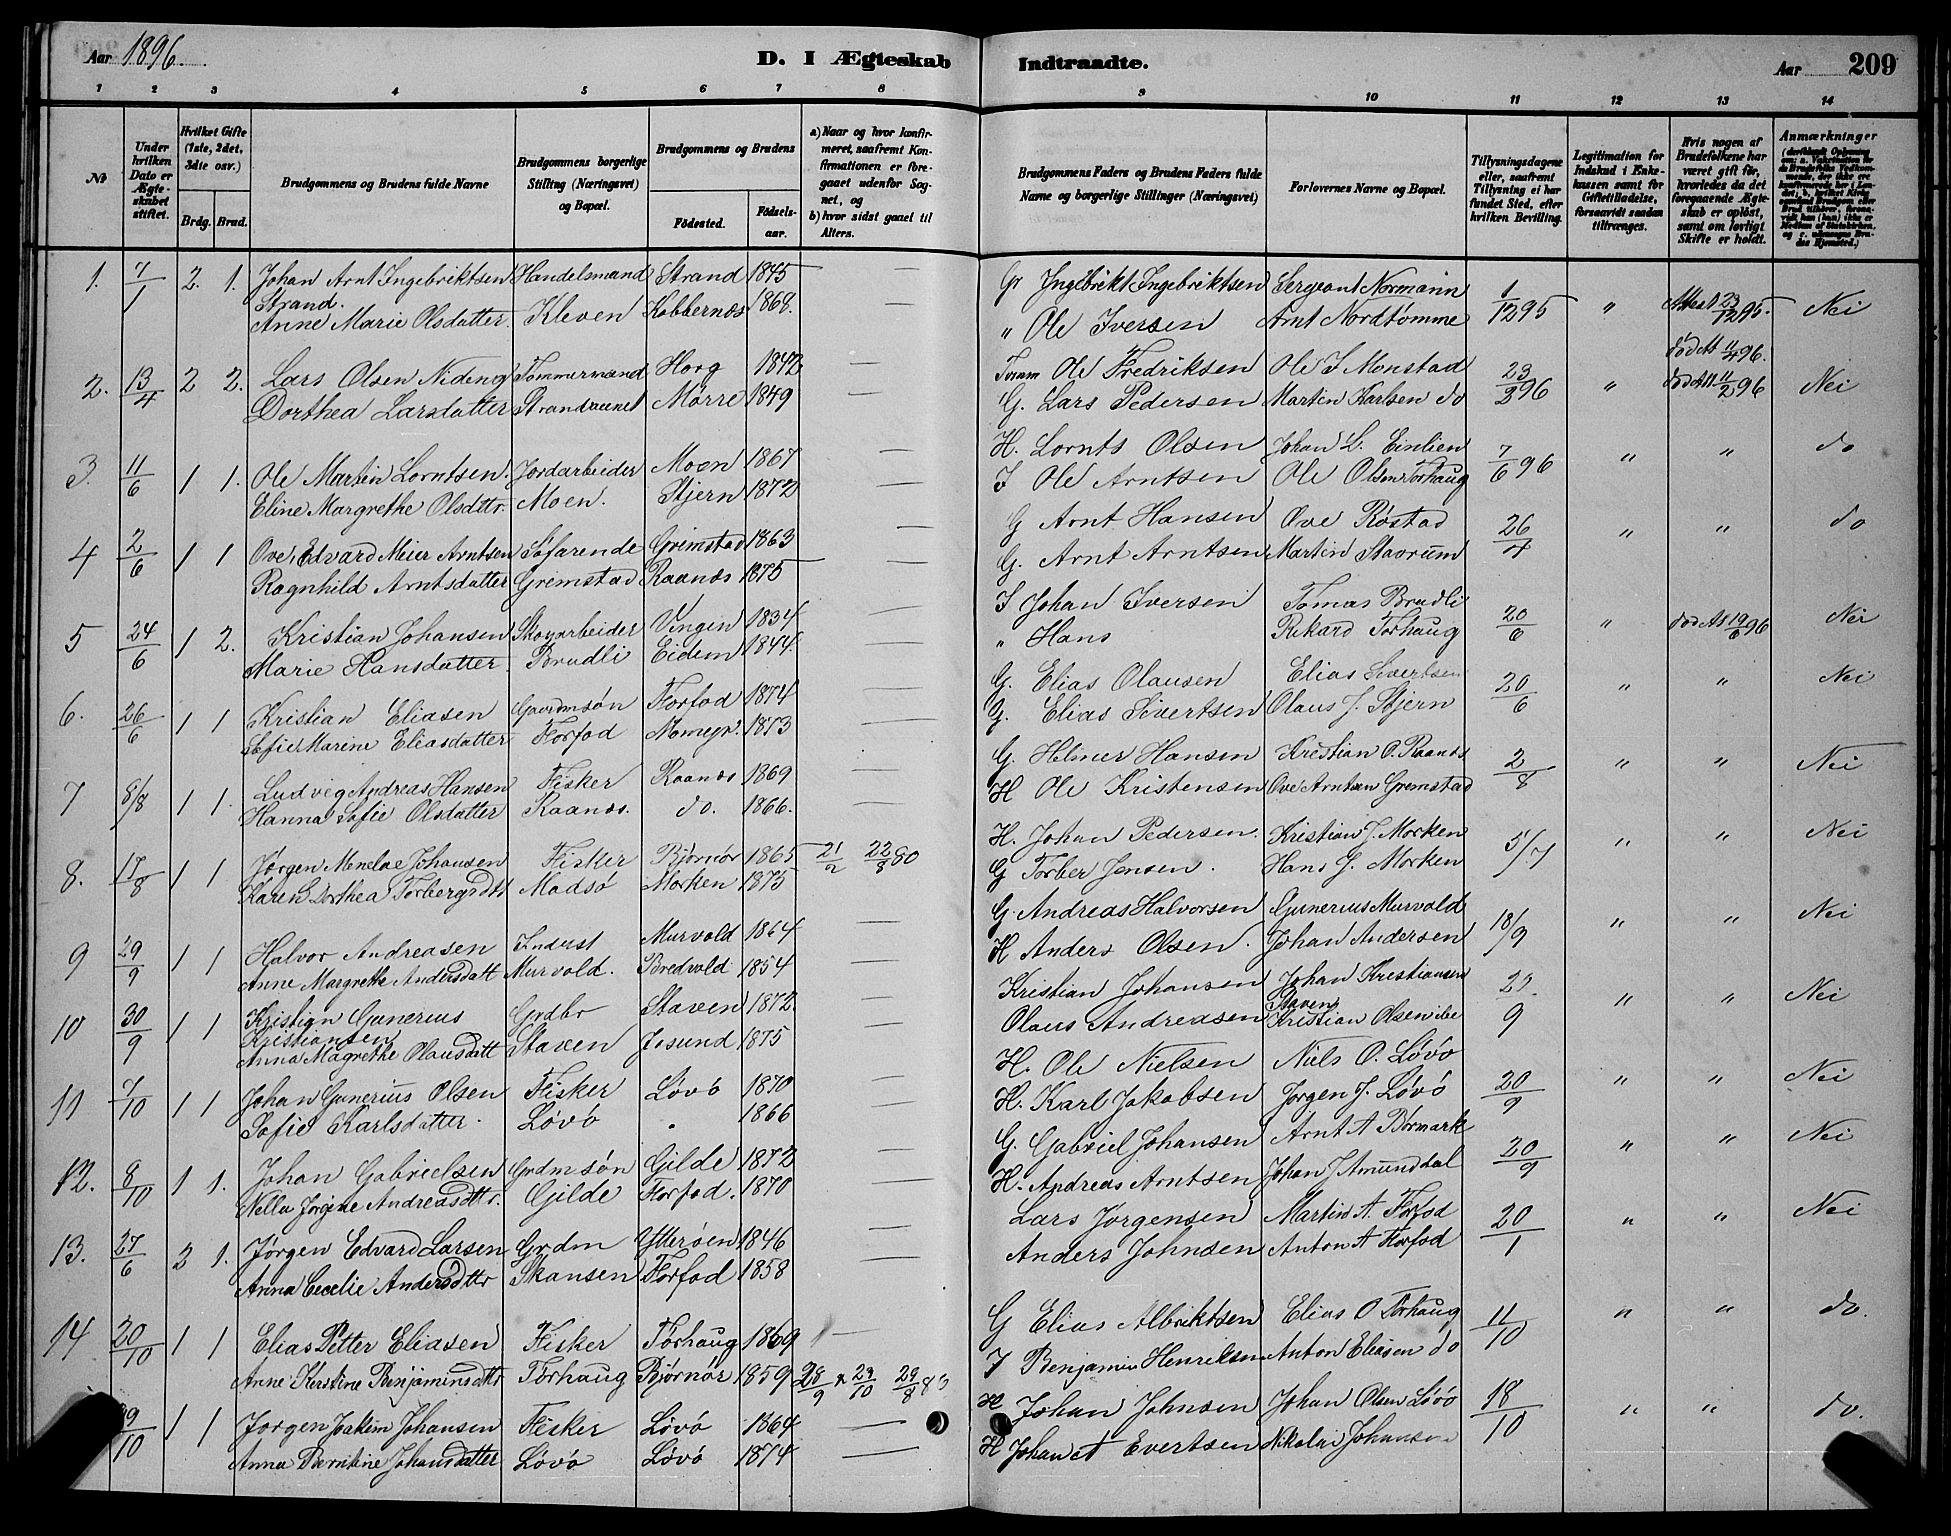 SAT, Ministerialprotokoller, klokkerbøker og fødselsregistre - Sør-Trøndelag, 655/L0687: Klokkerbok nr. 655C03, 1880-1898, s. 209